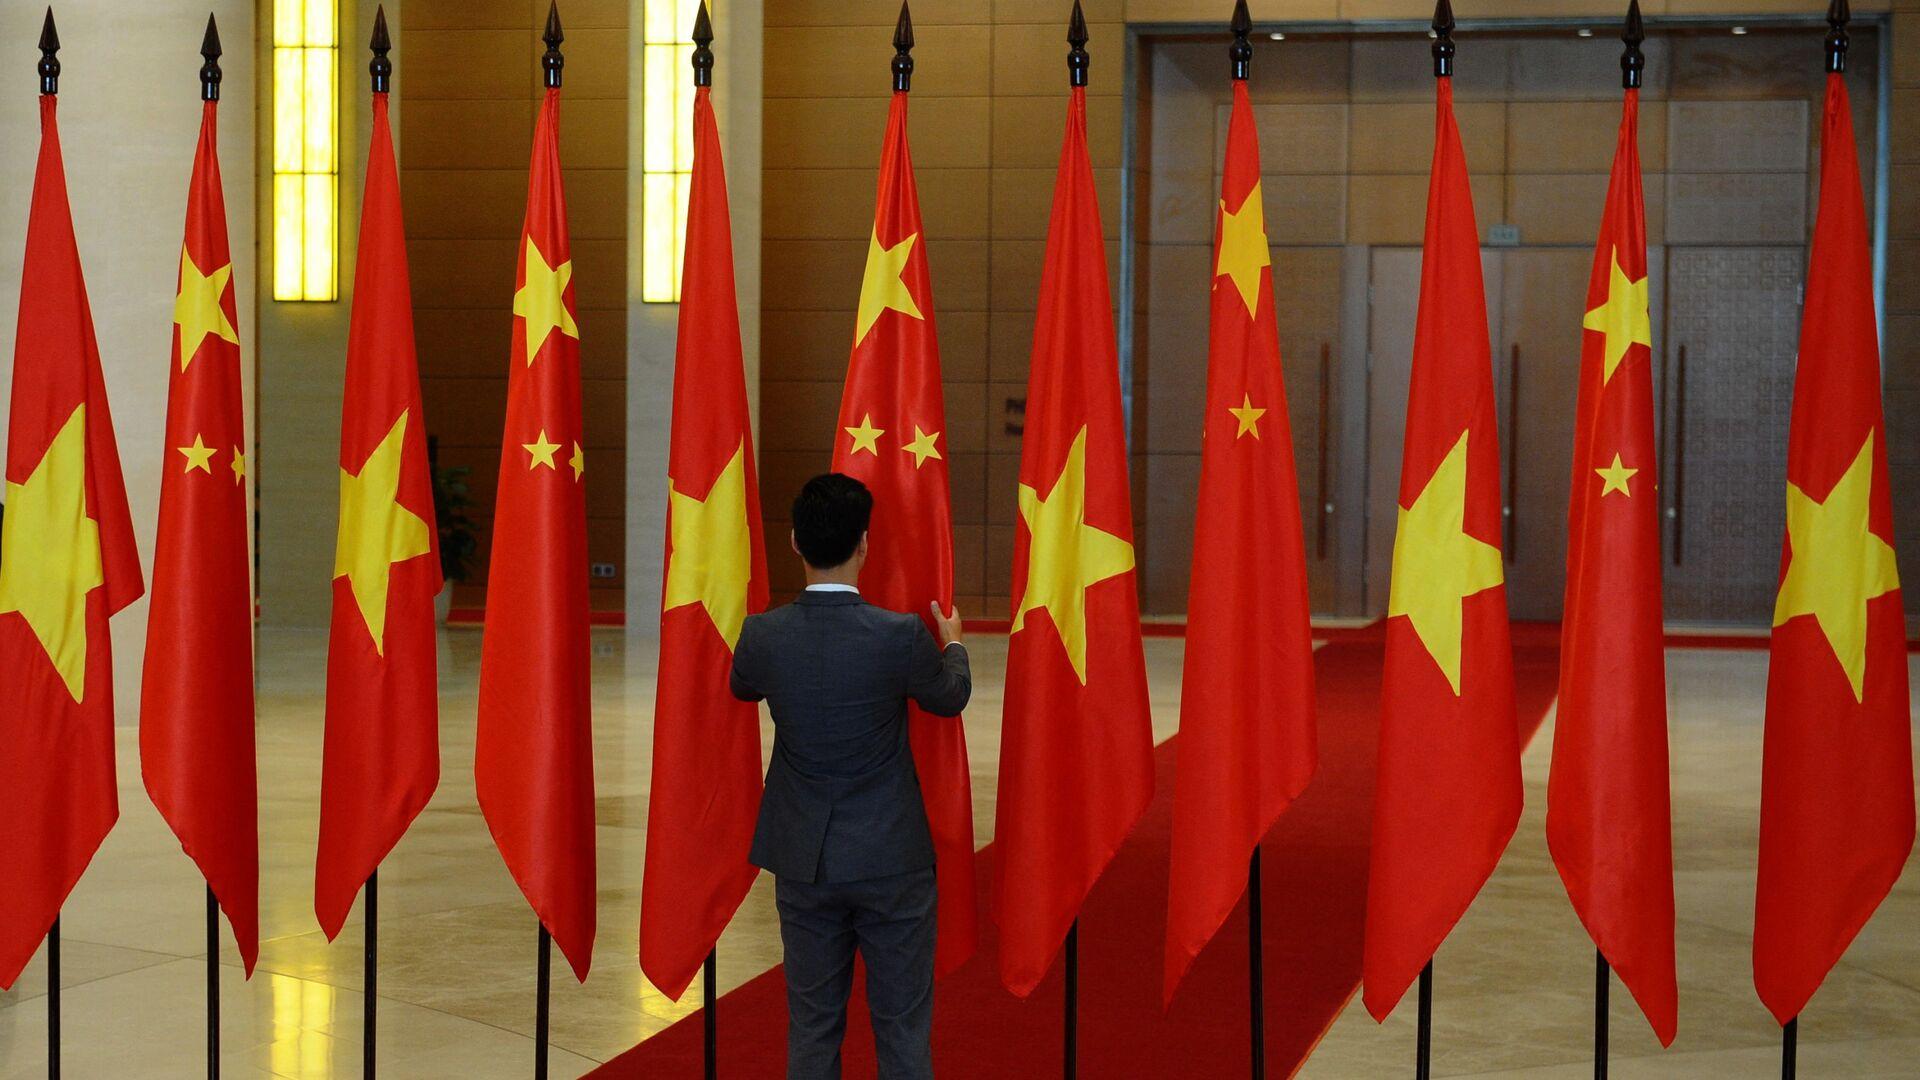 Lá cờ Việt Nam và Trung Quốc tại Quốc Hội Việt Nam - Sputnik Việt Nam, 1920, 20.05.2021